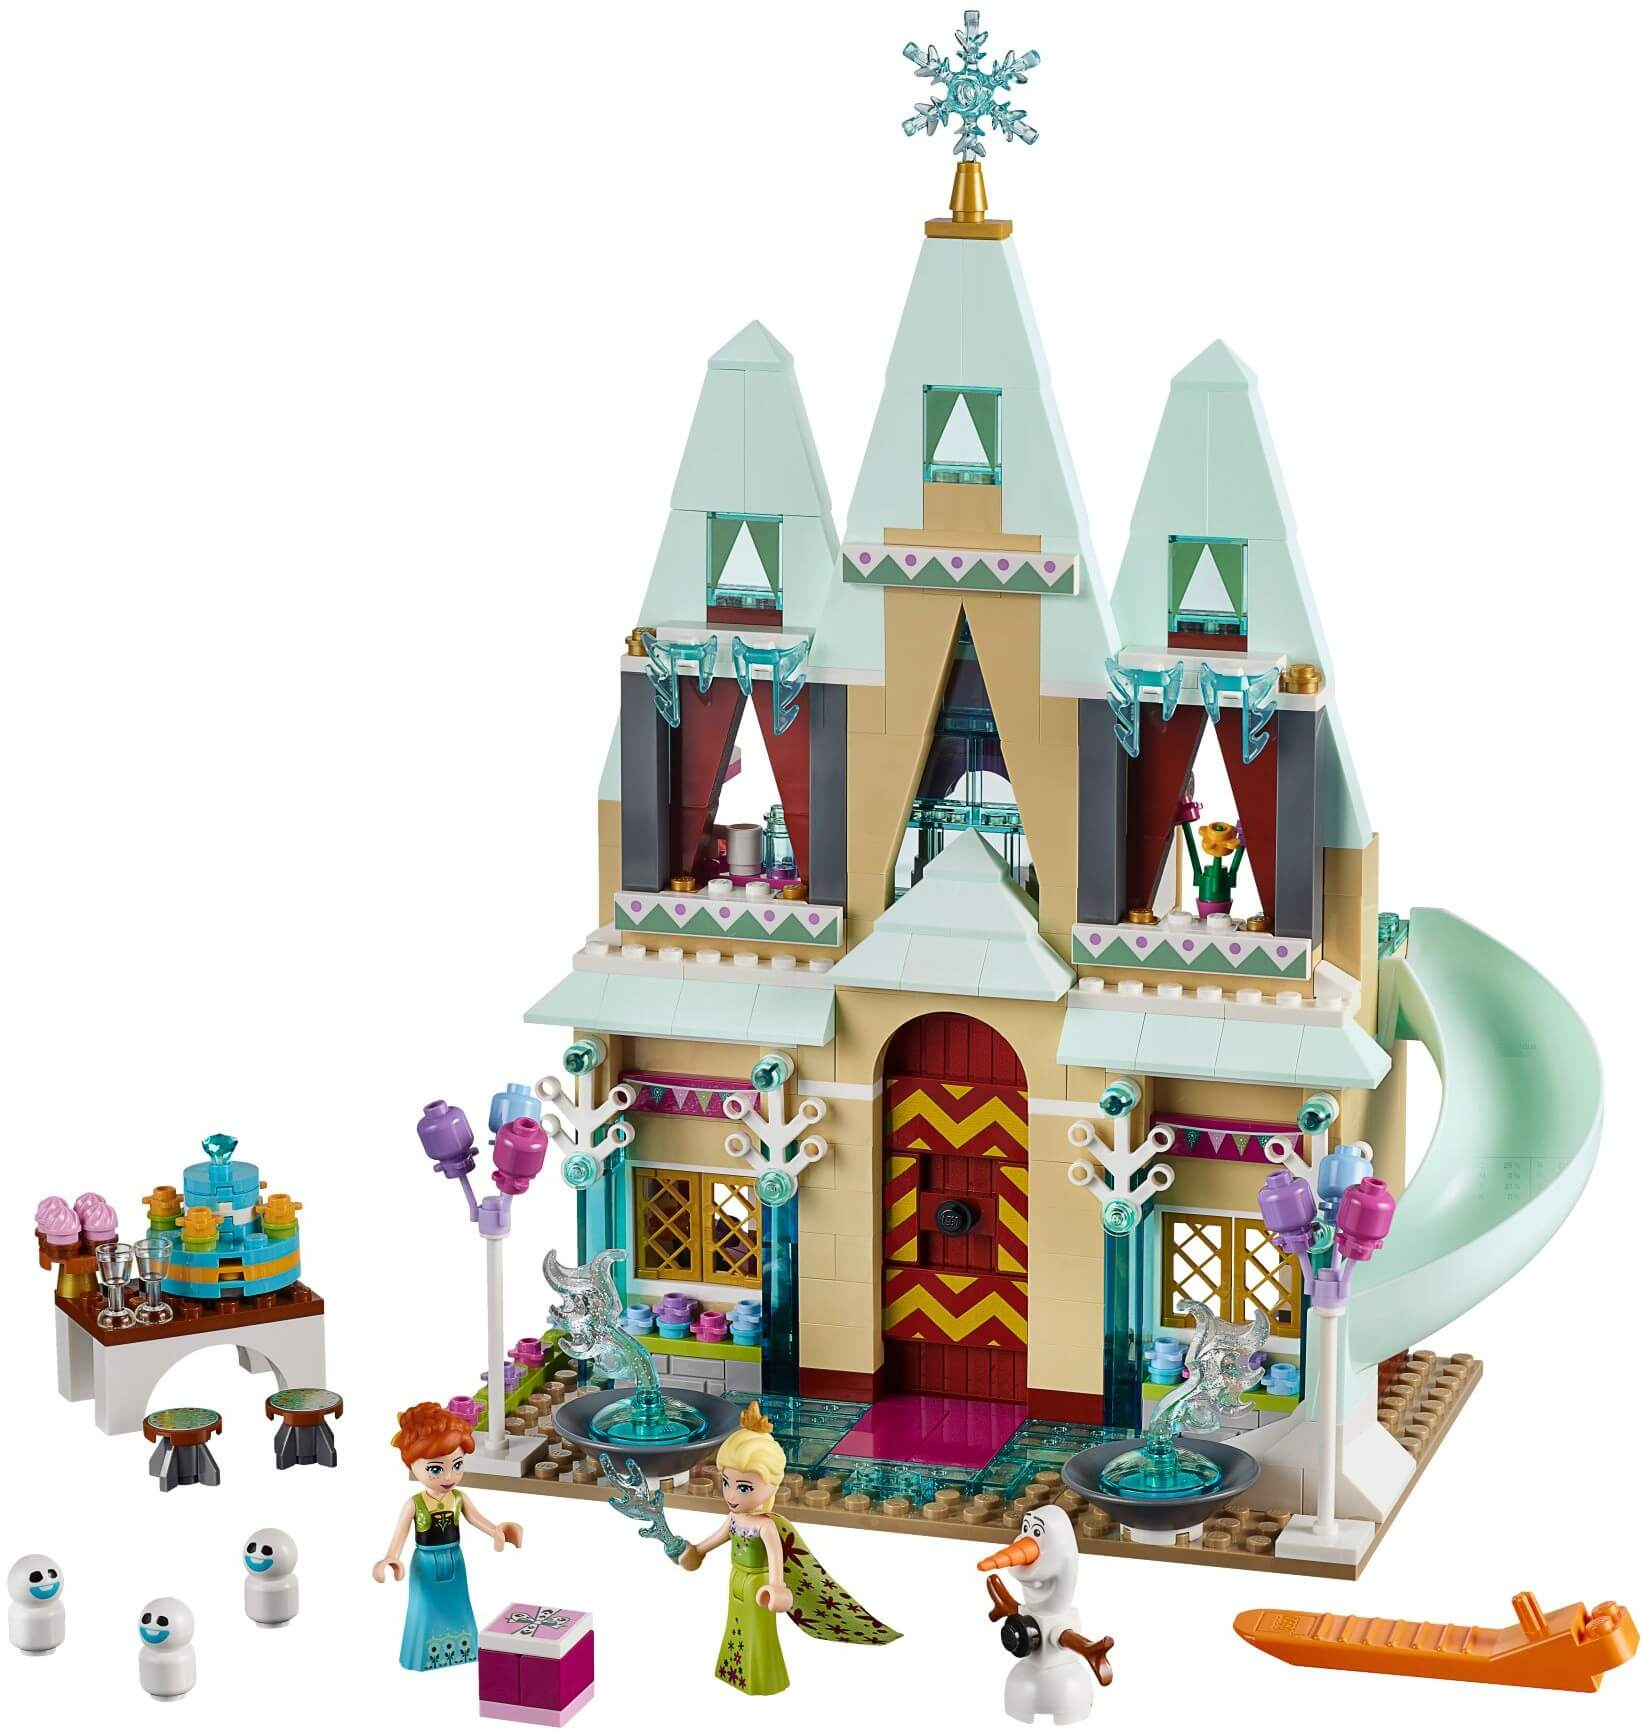 Mua đồ chơi LEGO 41068 - LEGO Công Chúa Disney Princesses 41068 - Lâu Đài Arendelle của Elsa và Anna (LEGO Disney Princesses Arendelle Castle Celebration 41068)